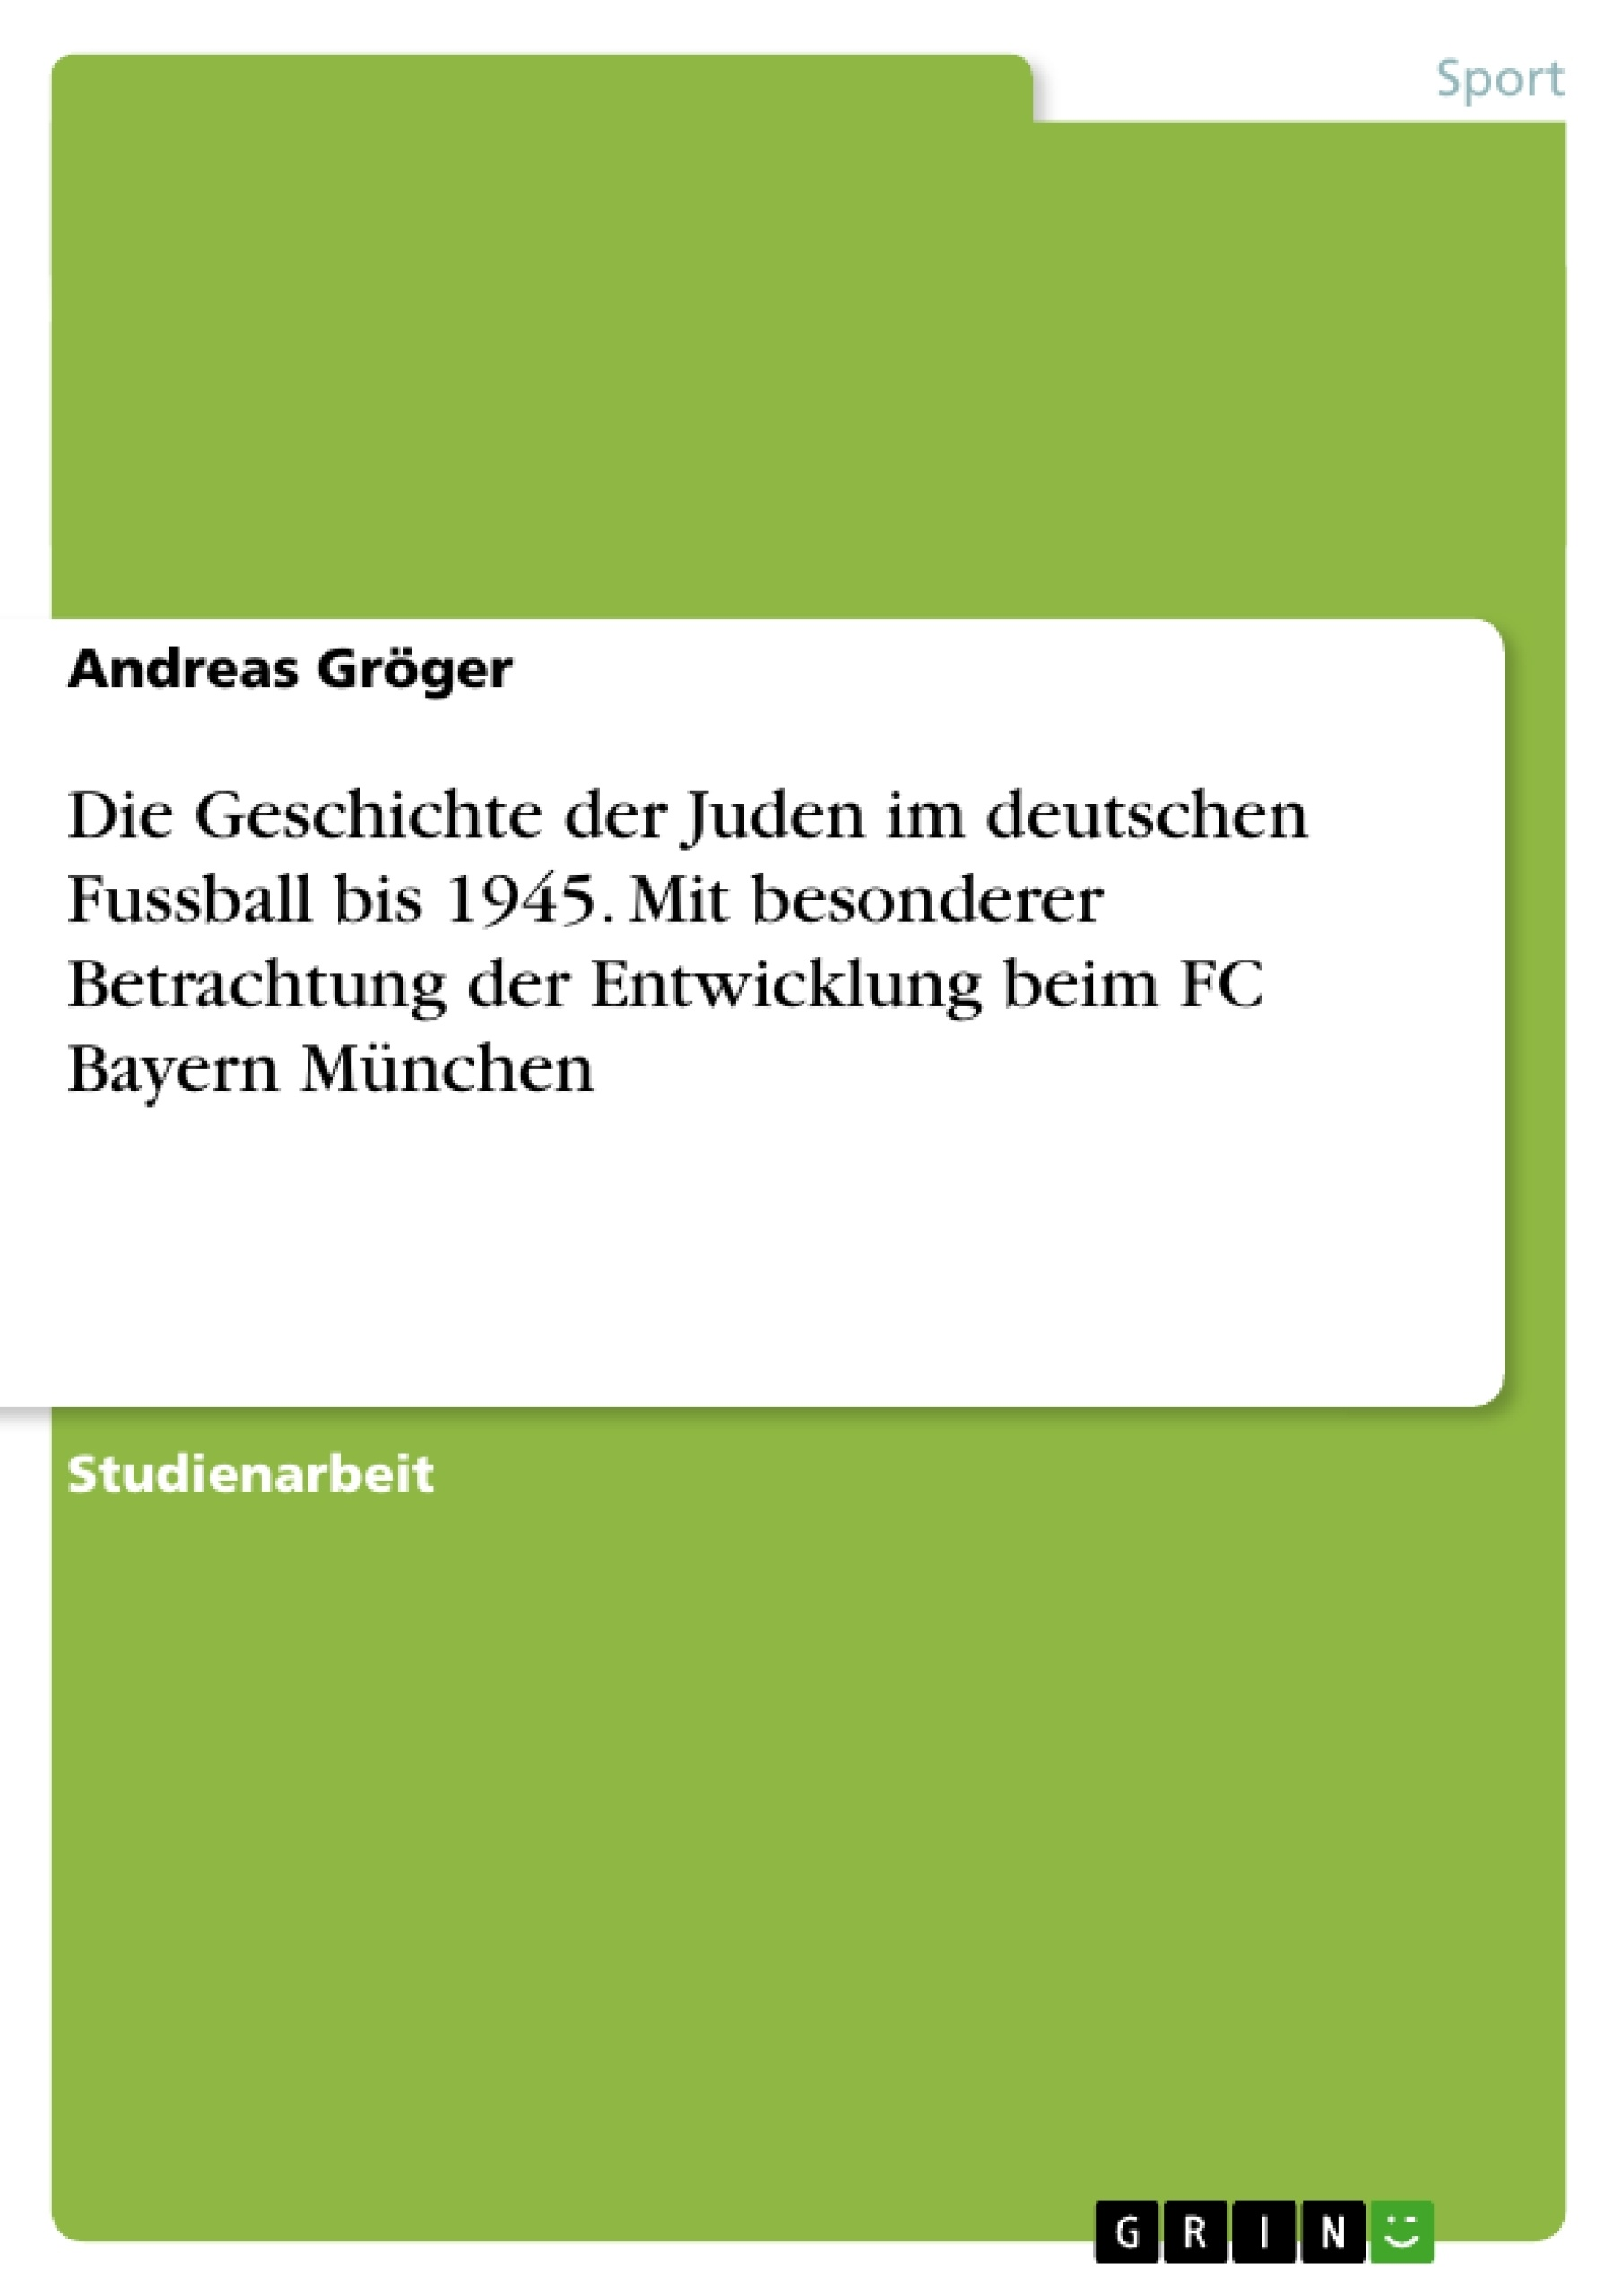 Titel: Die Geschichte der Juden im deutschen Fussball bis 1945. Mit besonderer Betrachtung der Entwicklung beim FC Bayern München